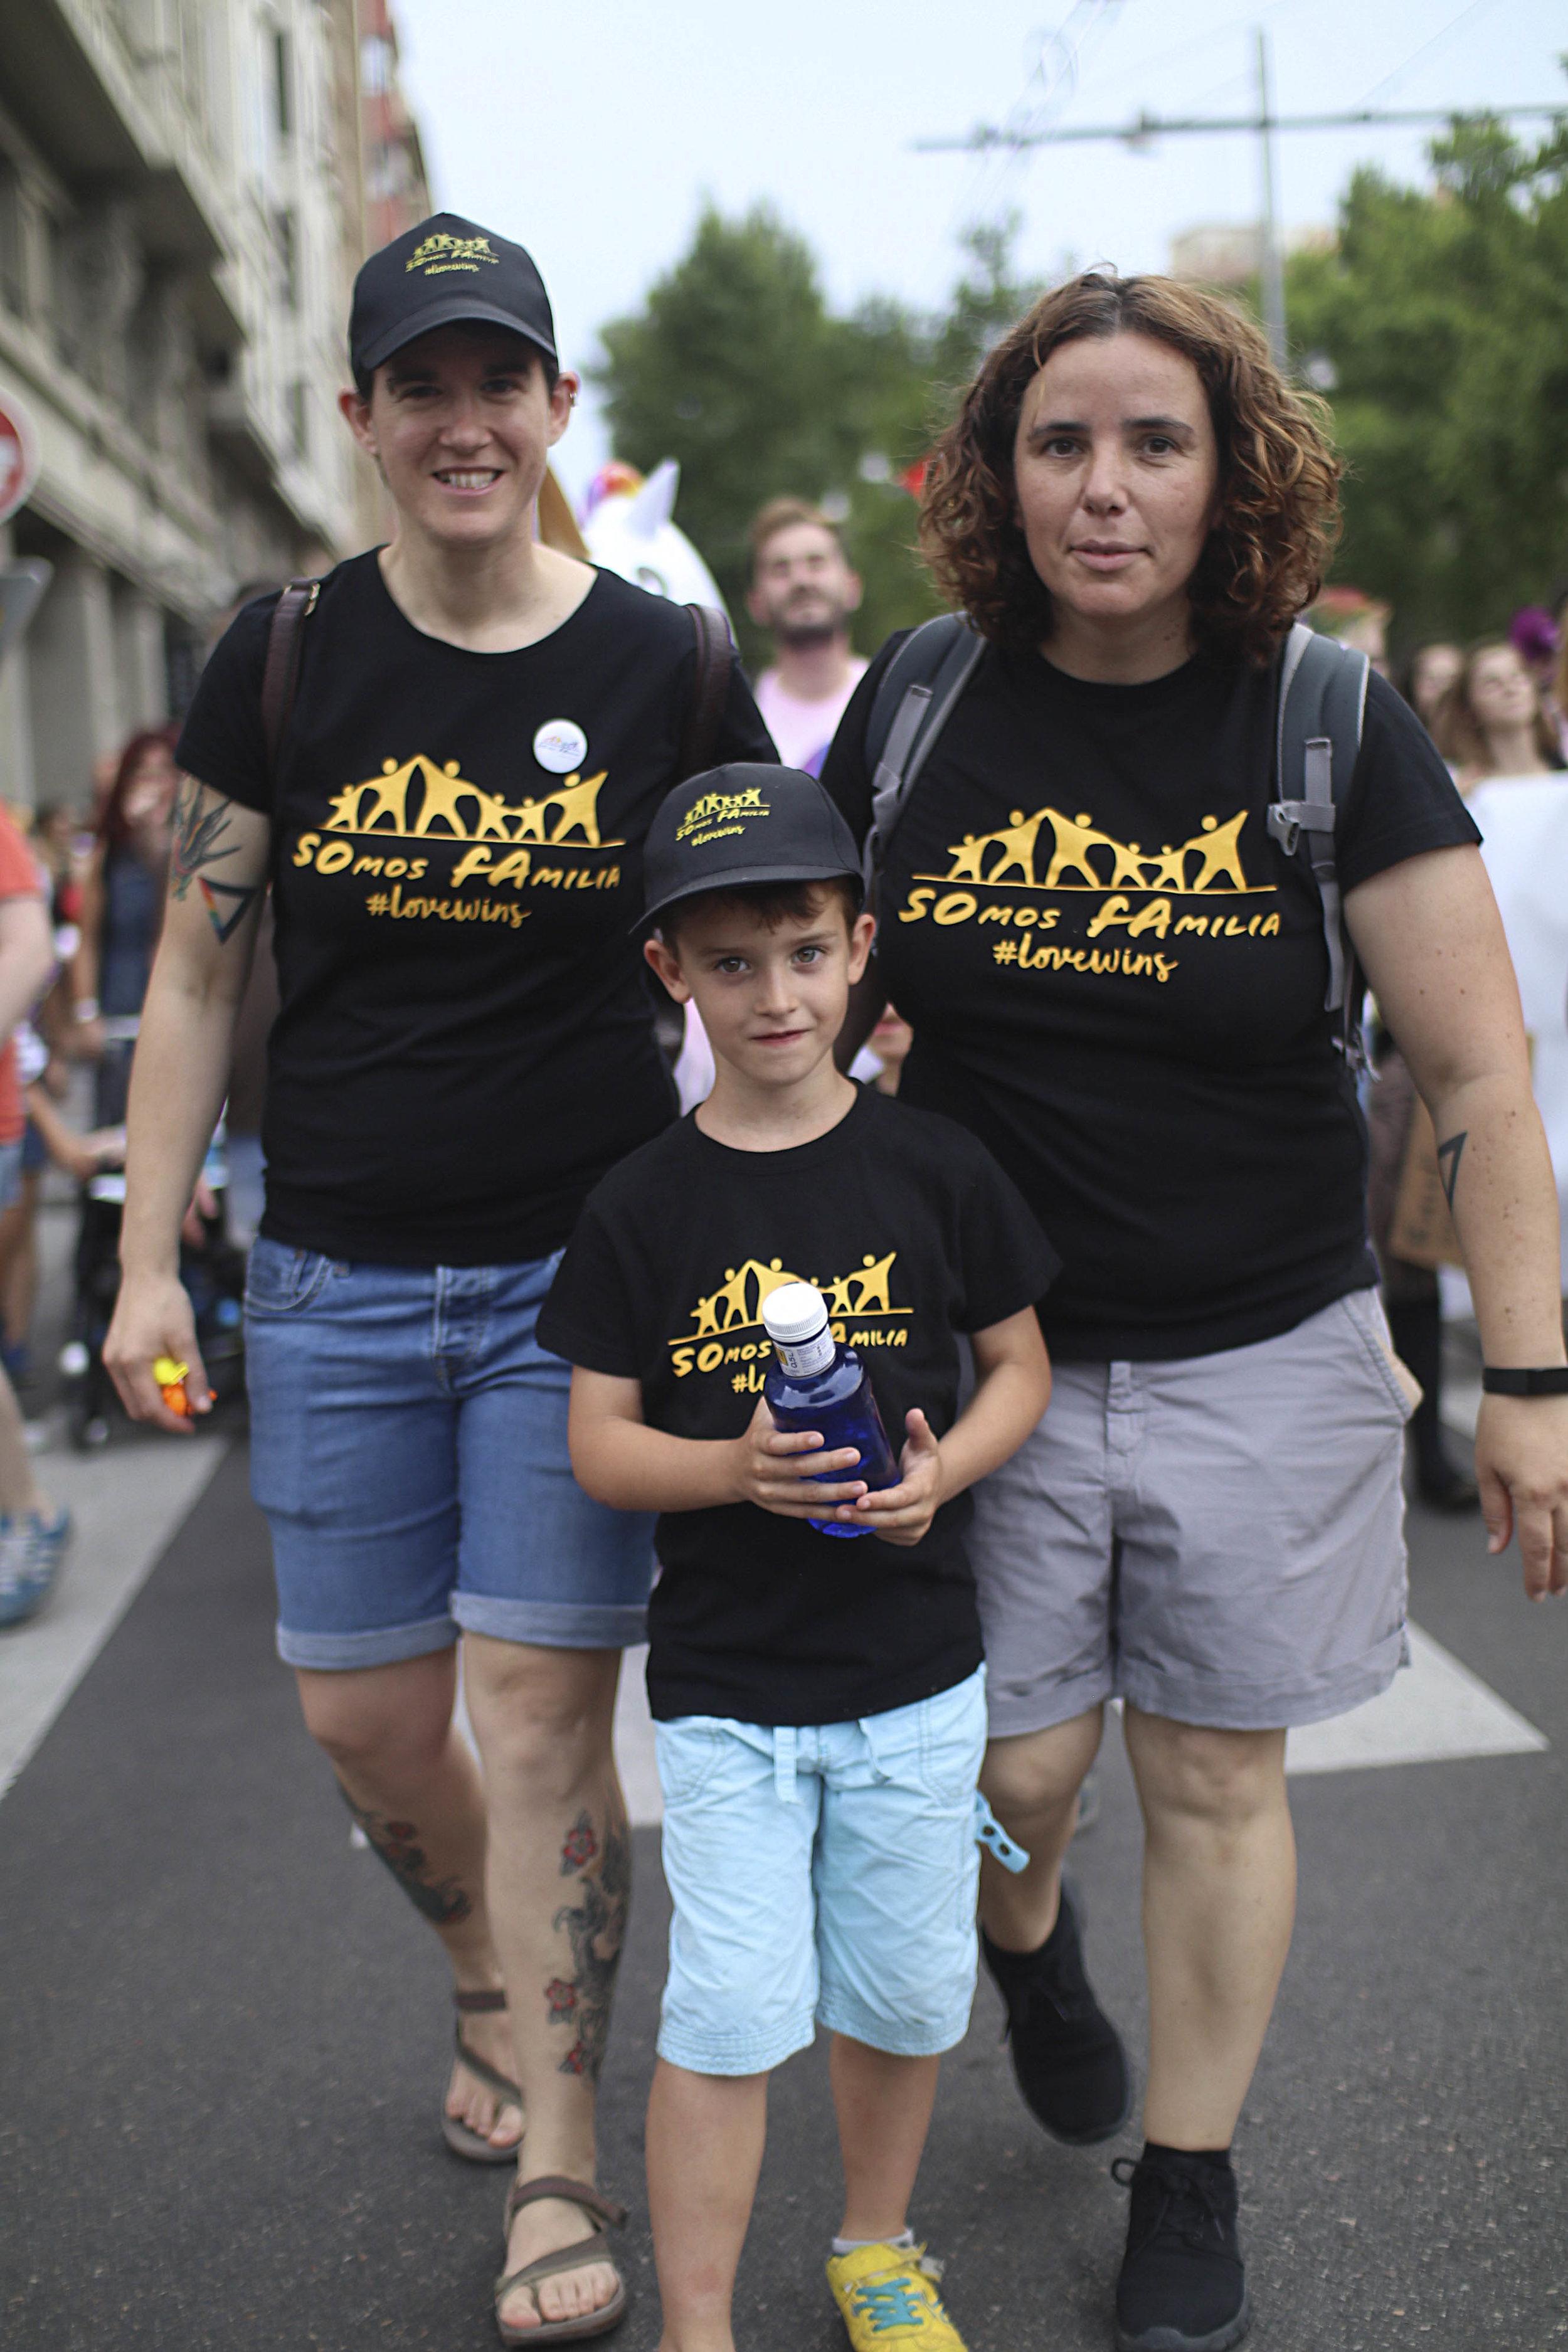 Madres lesbianas con su hijo en Zaragoza. SOMOS FAMILIA LGTB. Foto: María Torres-Solanot